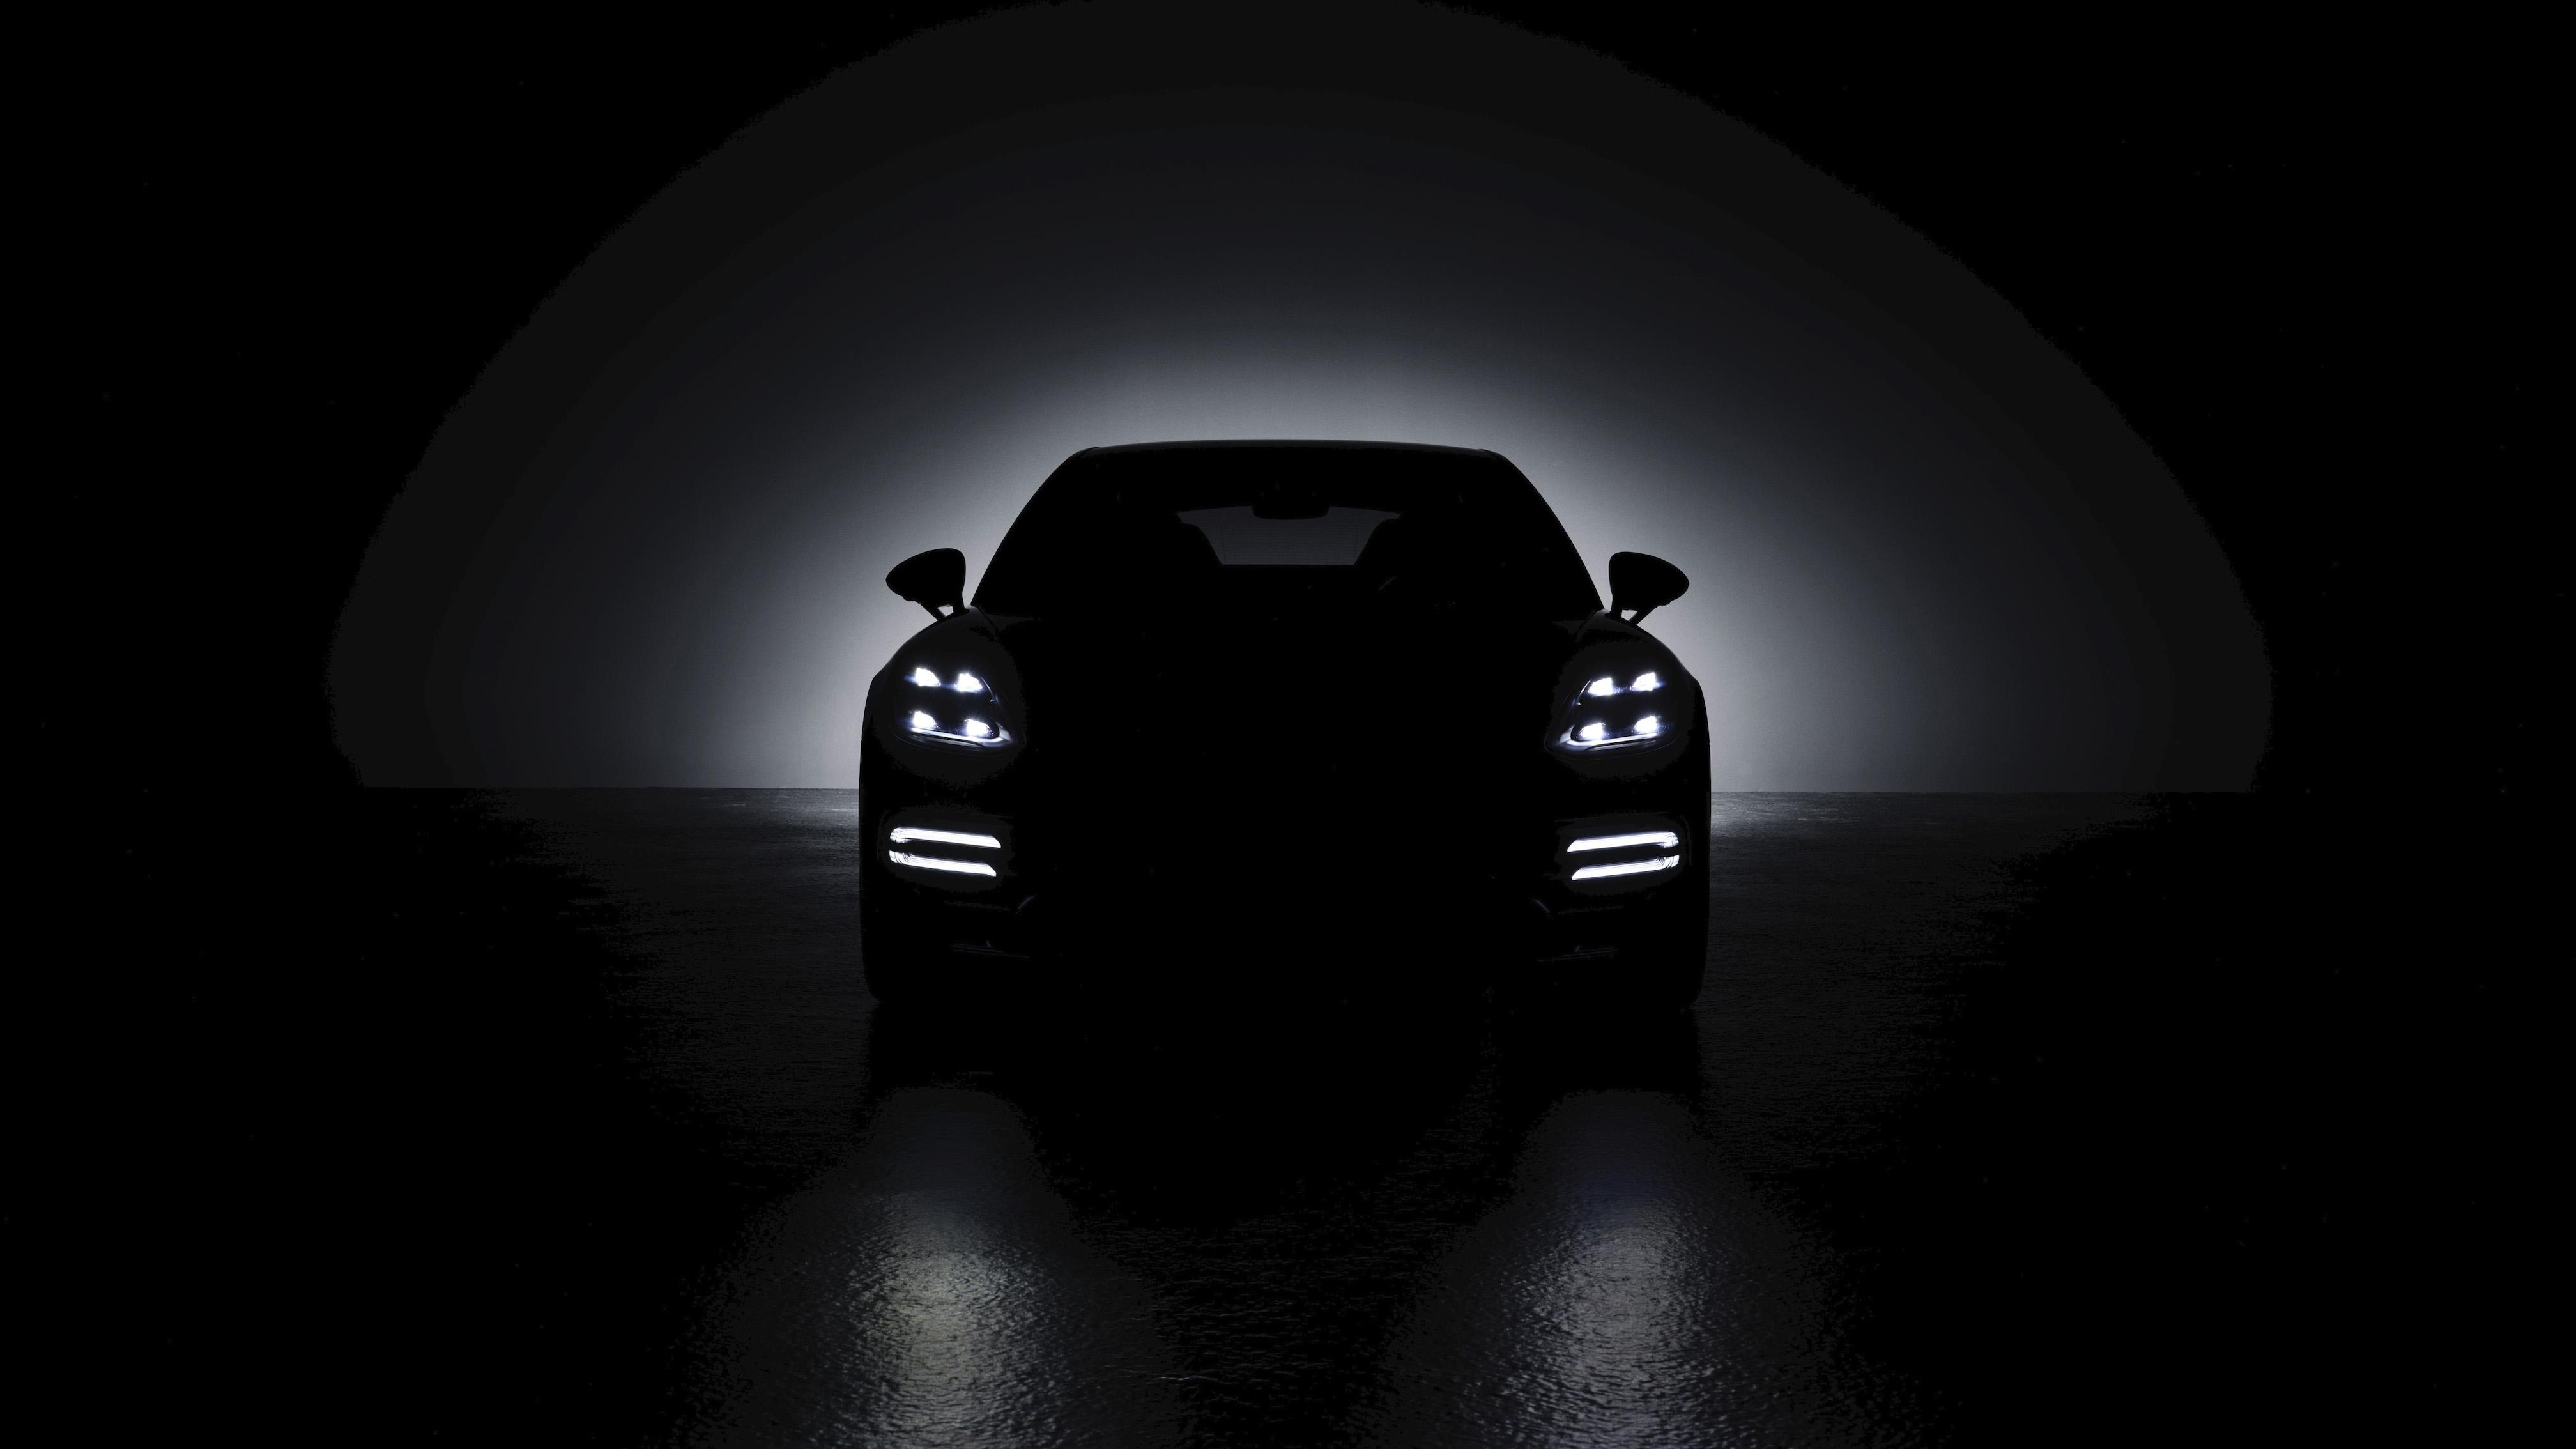 最速主管級房車,小改款 Porsche Panamera 將於 8 月 26 日登場